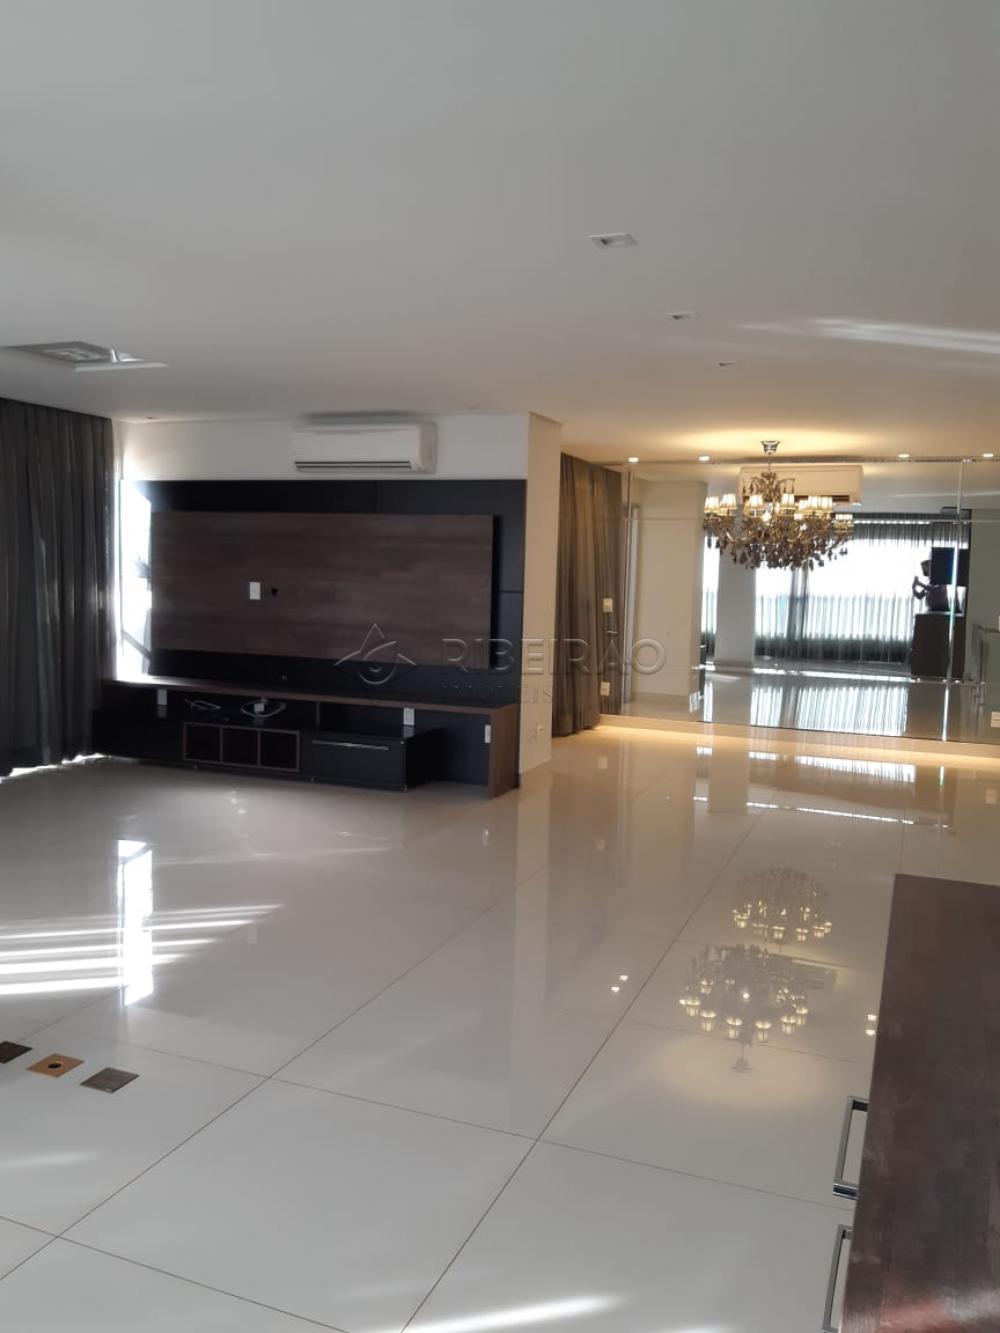 Comprar Apartamento / Cobertura em Ribeirão Preto R$ 1.900.000,00 - Foto 1